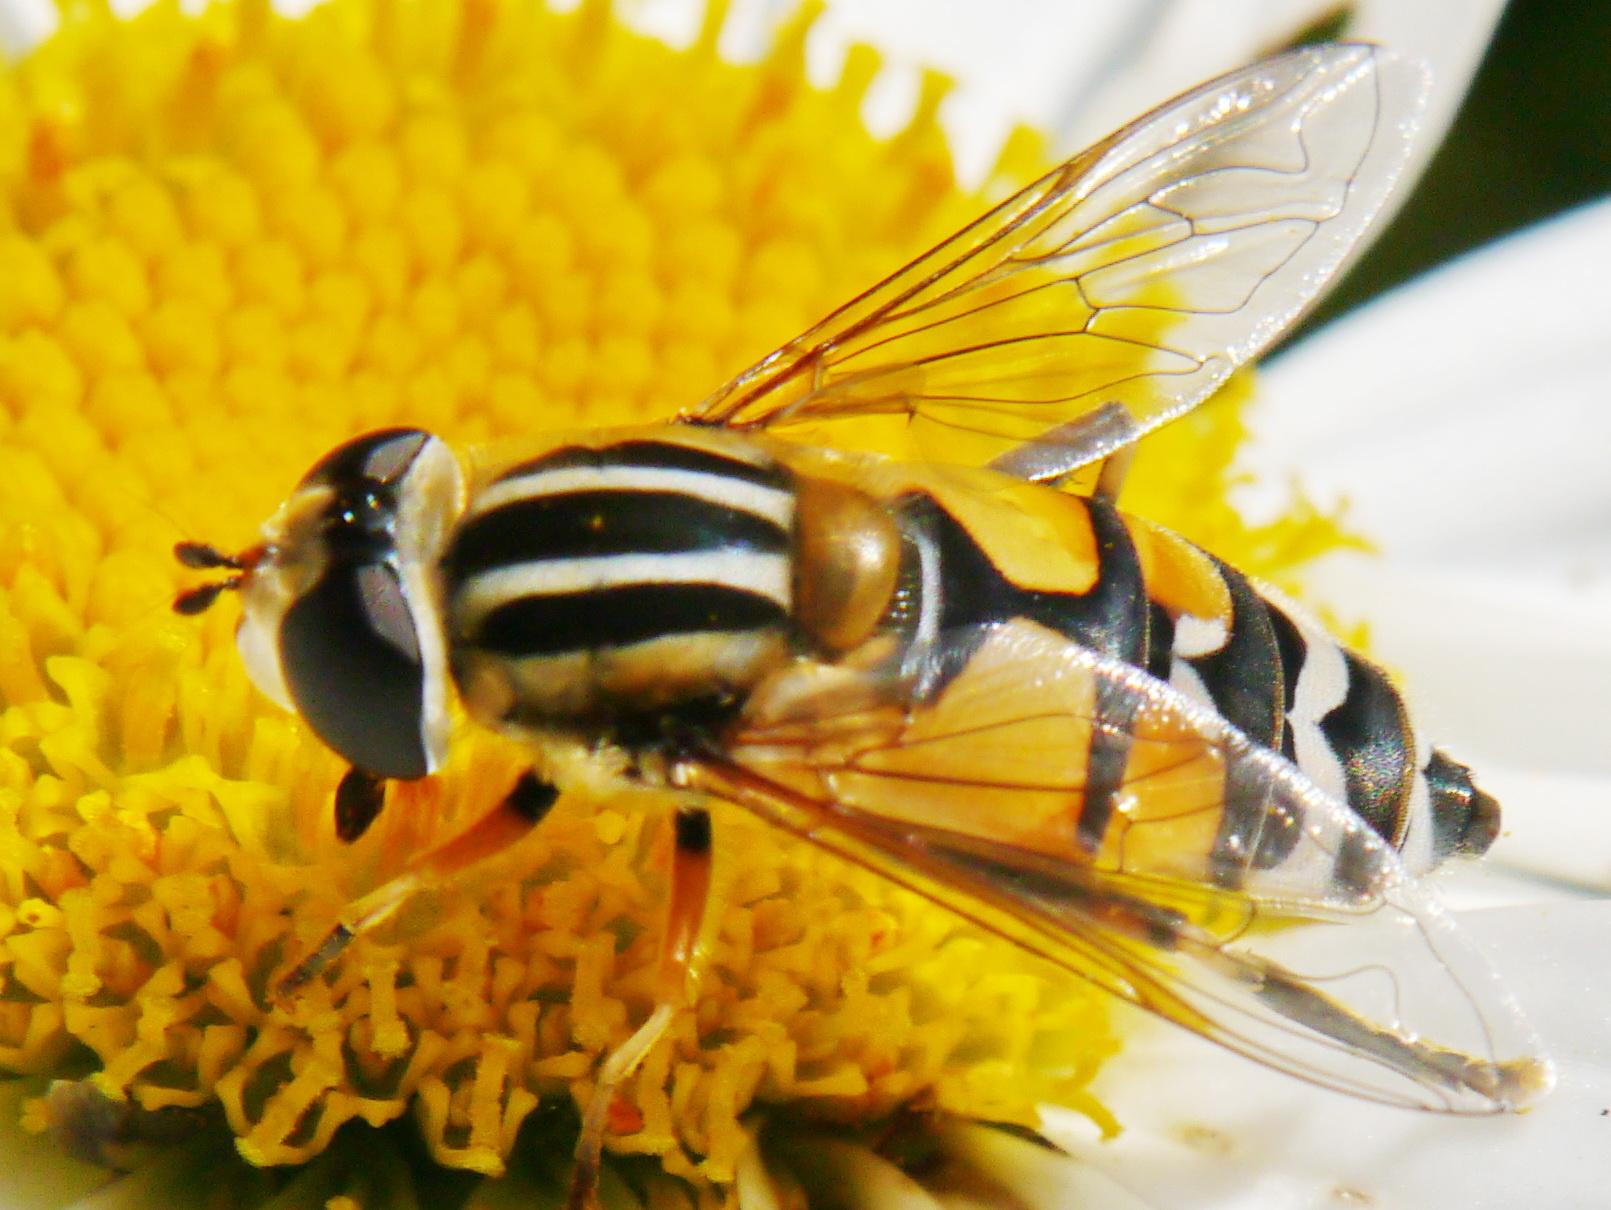 Citaten Over Bijen : Duurzaam deurne nieuws slecht over bijen